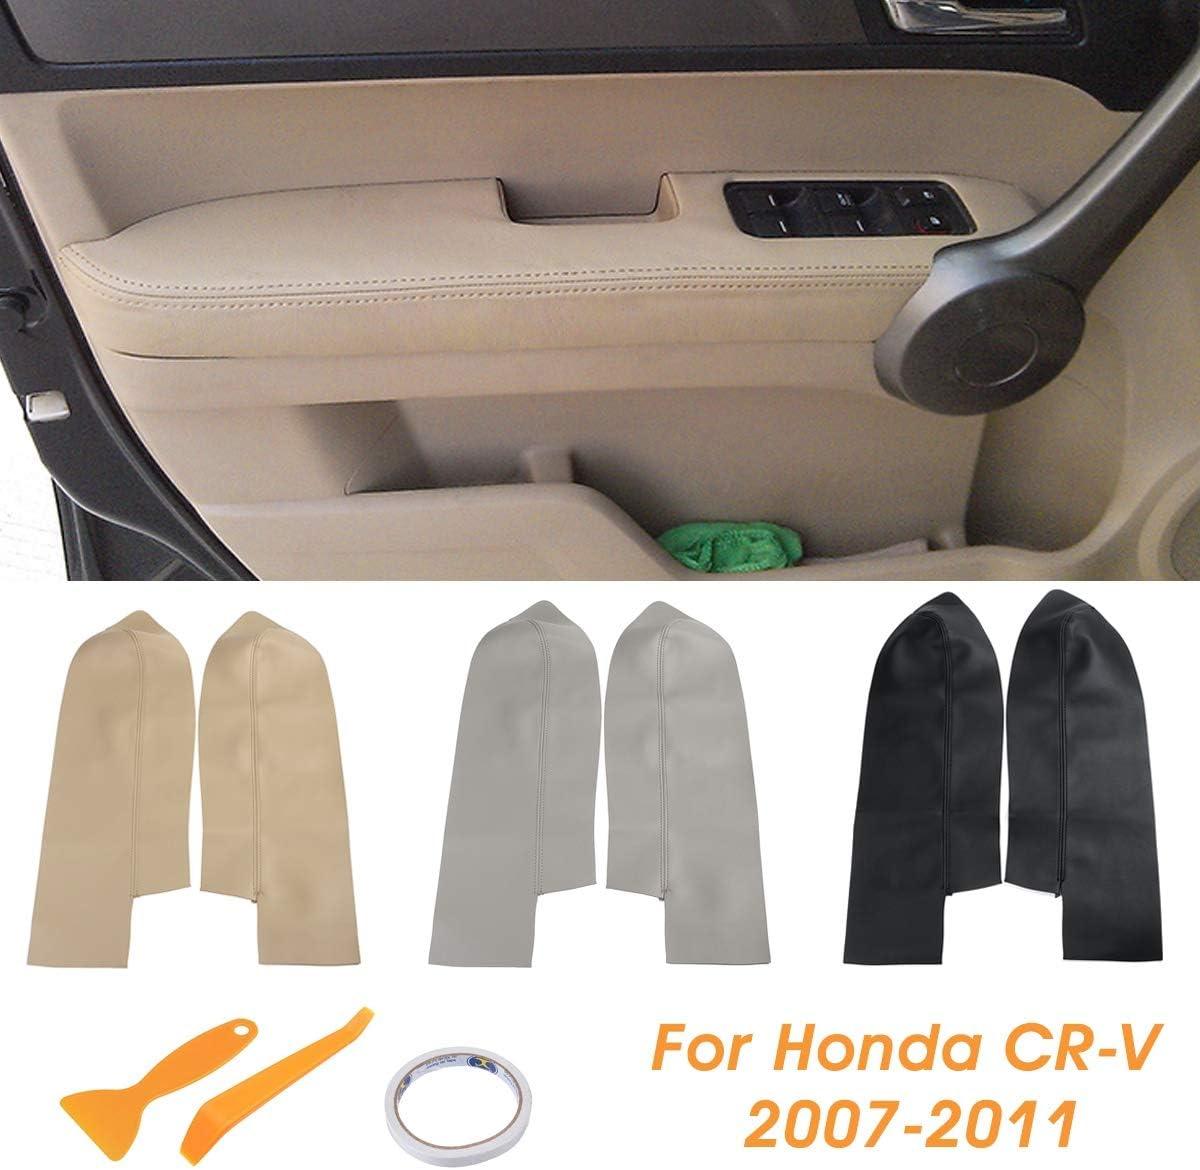 Paire de Voiture en Cuir Panneaux de Portes Avant Accoudoirs Couverture for Honda CRV 2007 2008 2009 2010 2011 2012 Noir//Beige//Gris without brand SSB-QICHEPEI Color : Beige